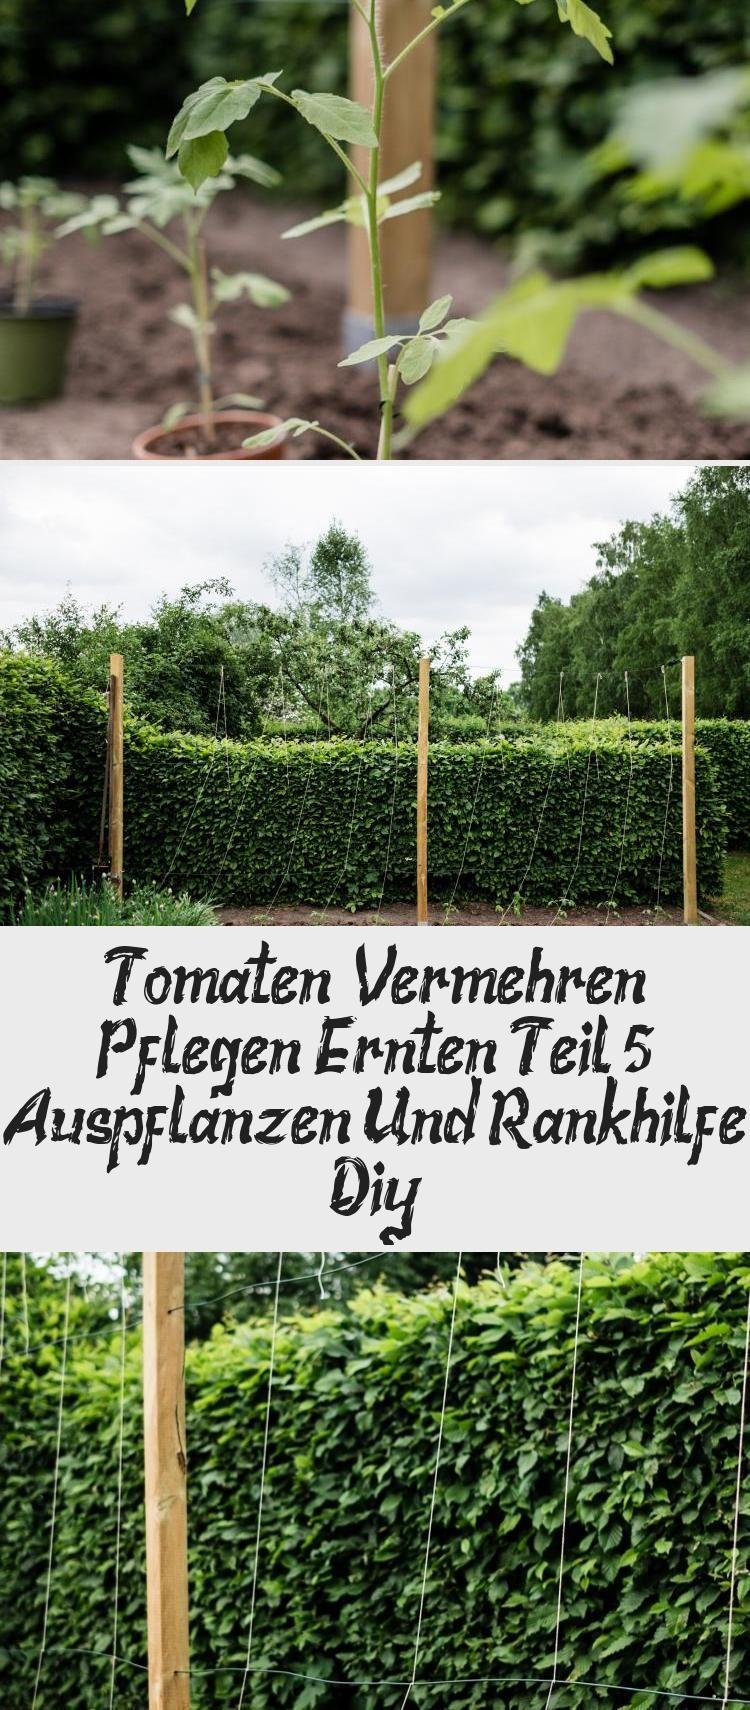 Tomaten Vermehren Pflegen Ernten Teil 5 Auspflanzen Und Rankhilfe Diy In 2020 Garten Plants Herbs